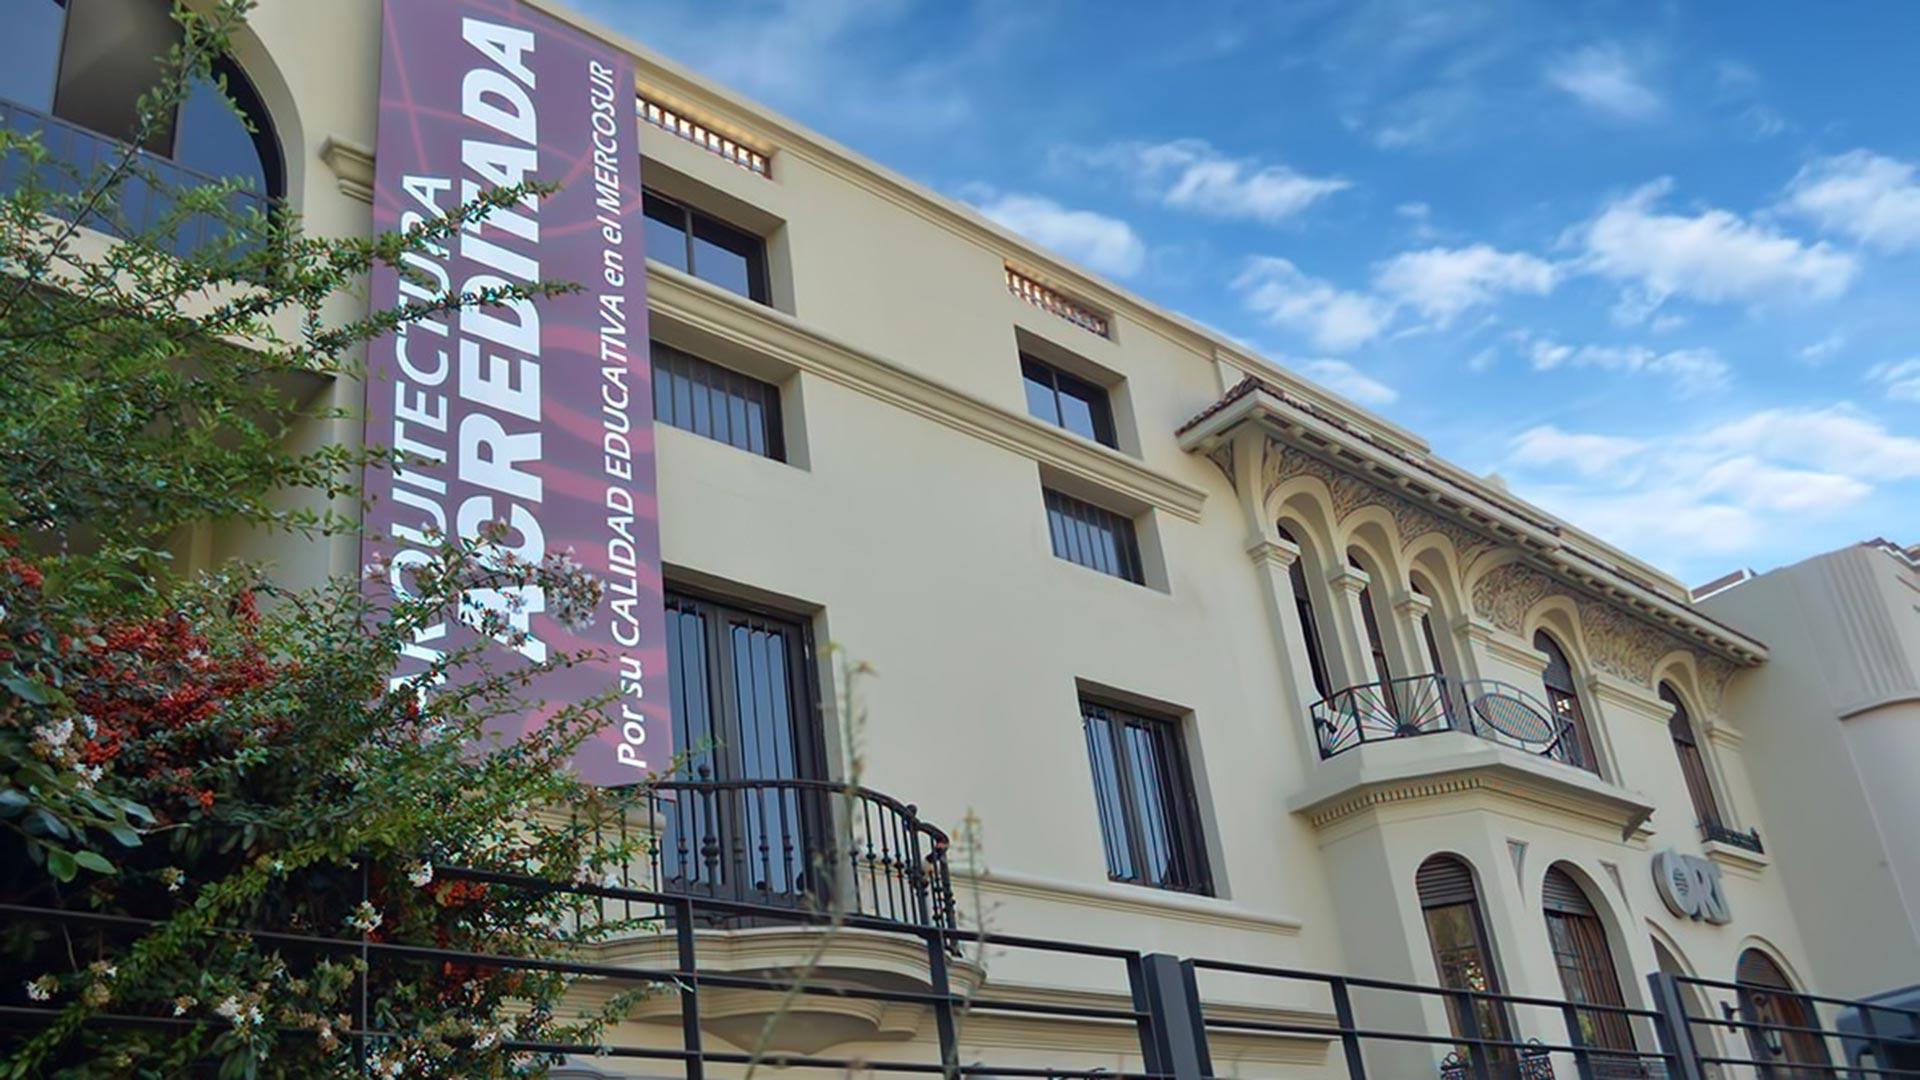 Facultad de arquitectura universidad ort uruguay for Carrera de arquitectura